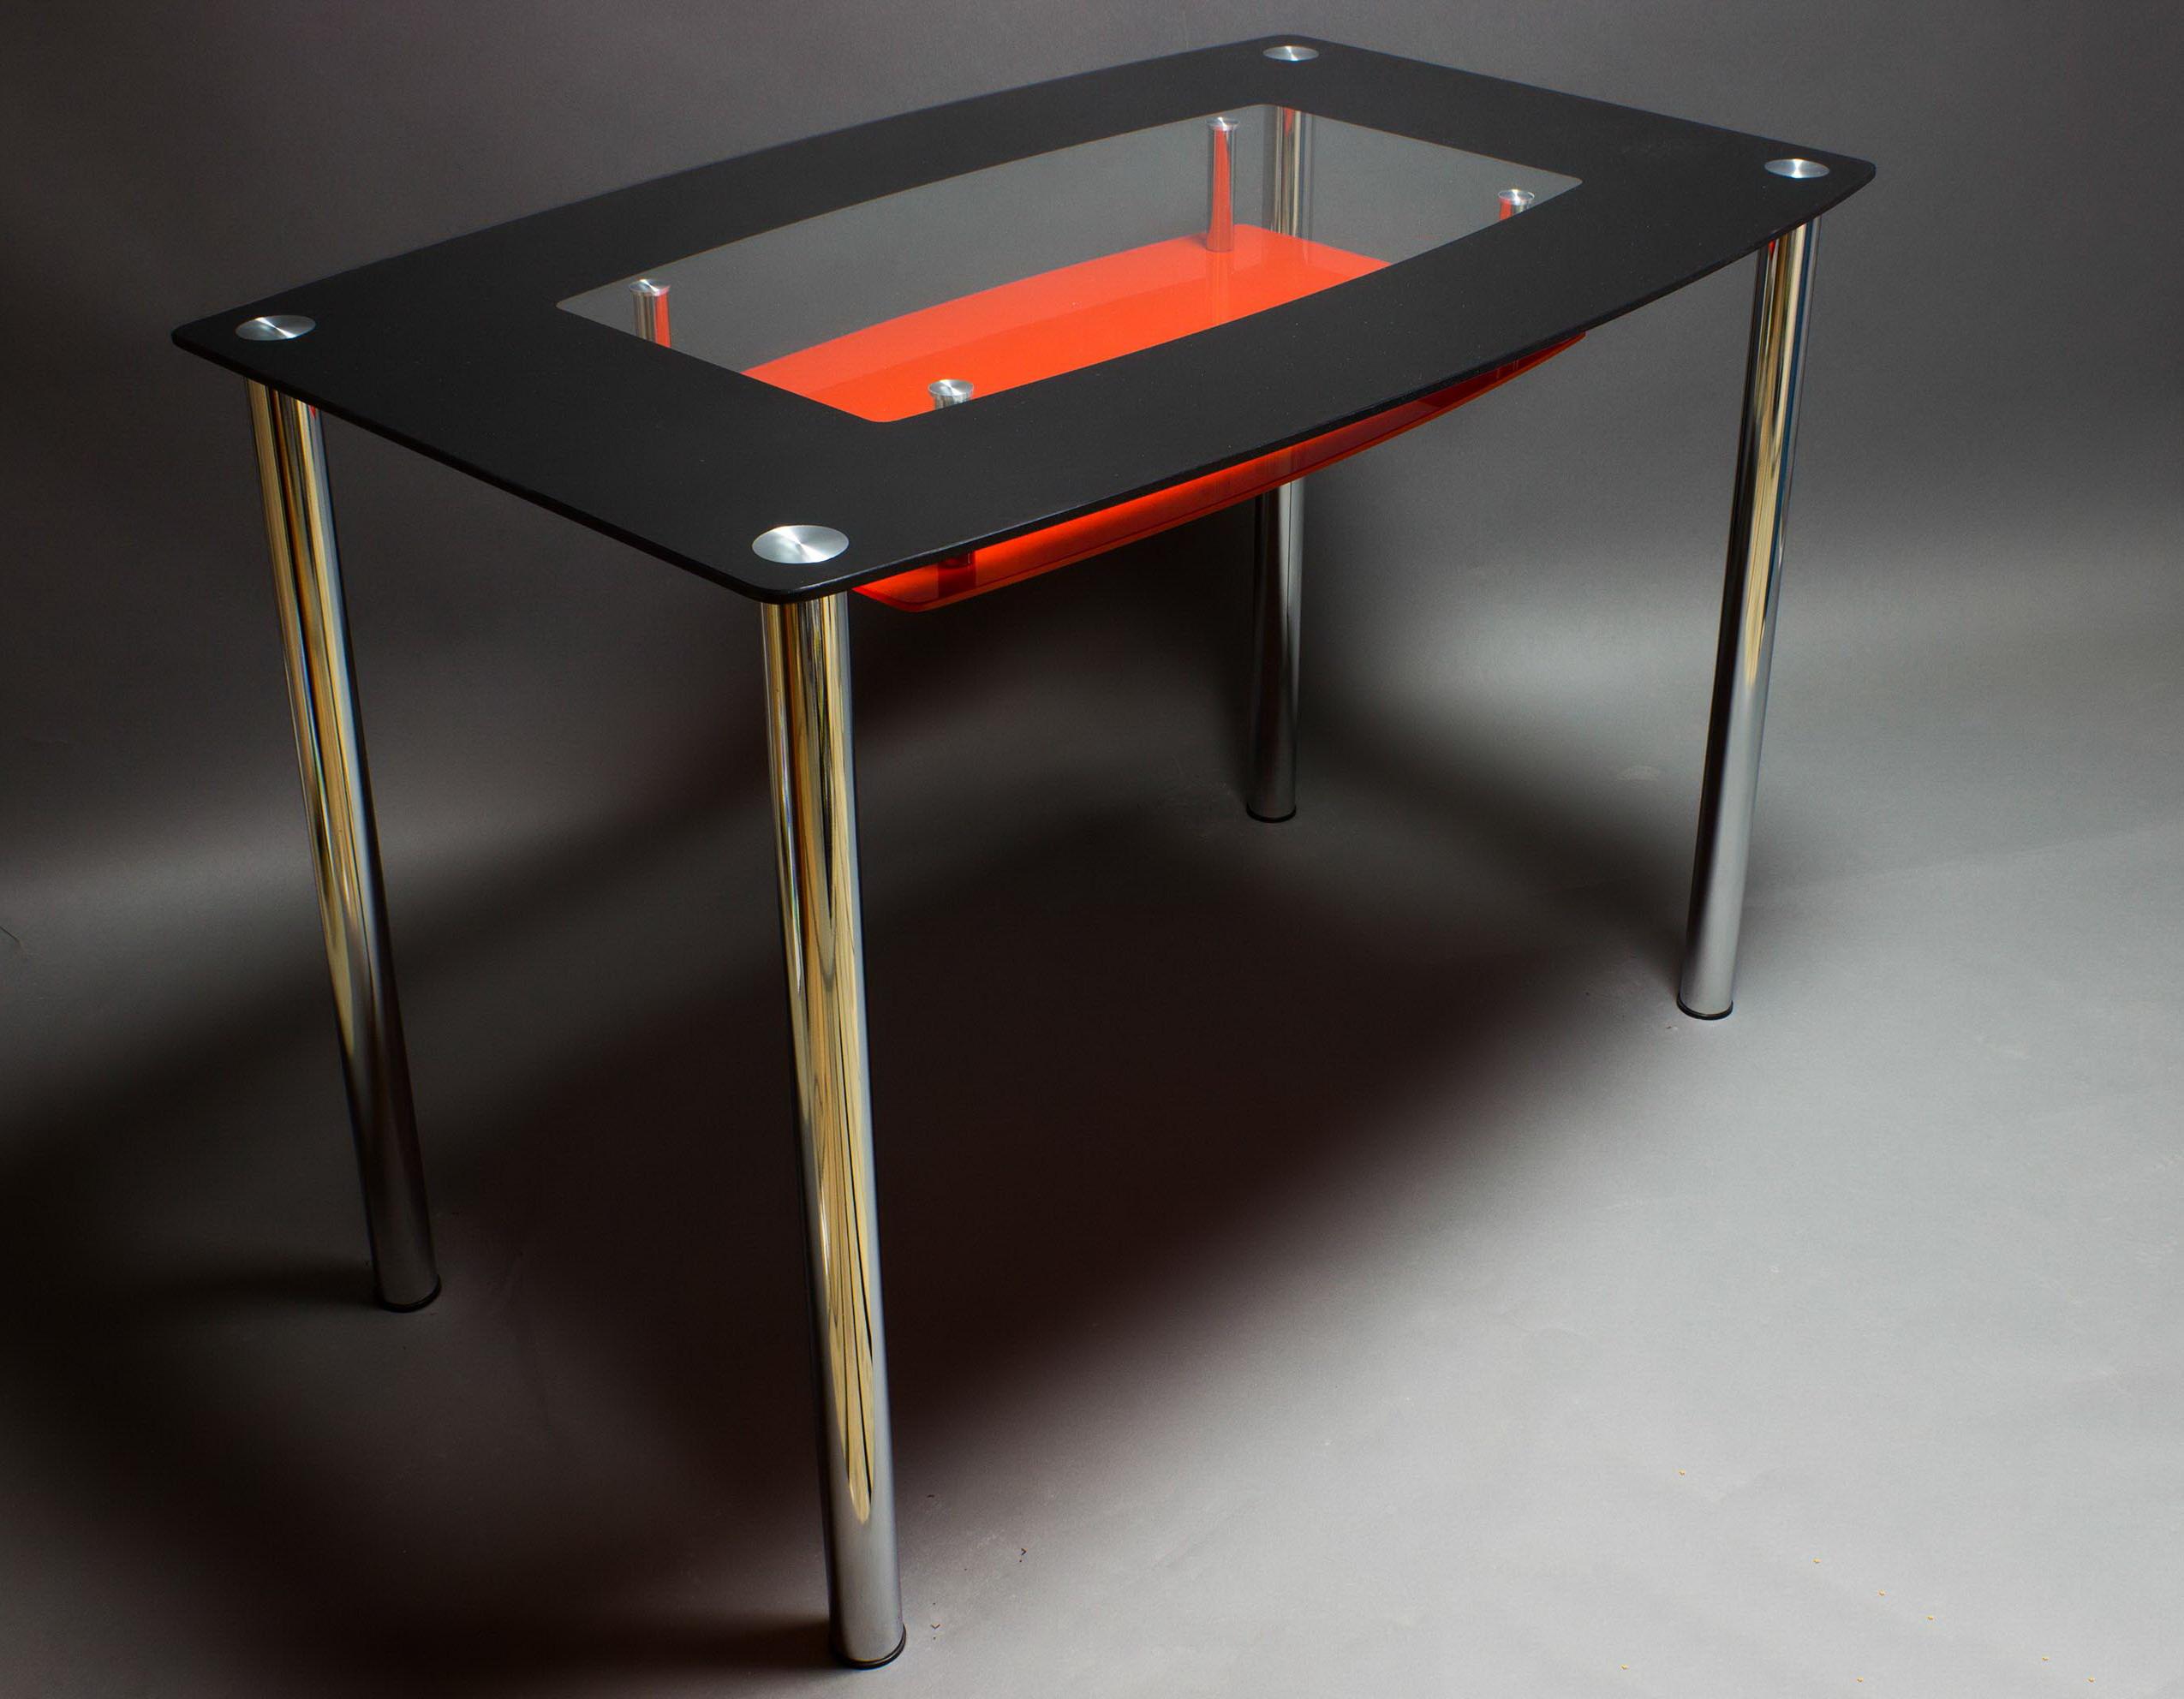 Сделать стеклянный стол на кухню своими руками